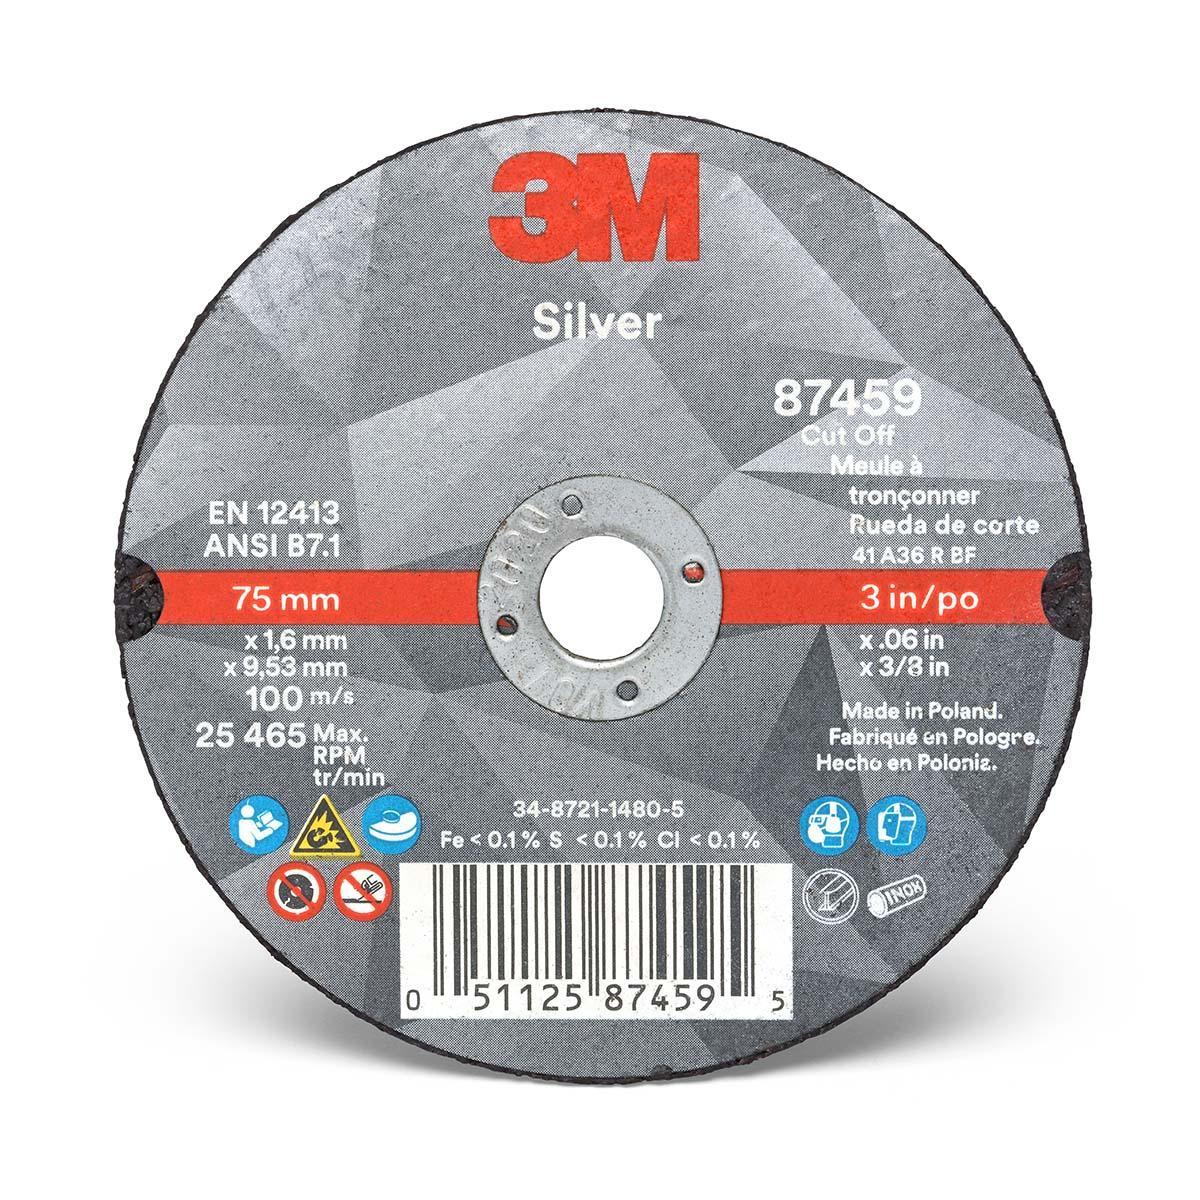 3M Silver Cut-Off Wheel 87459  T1  3 in x .060 in x 3/8 in